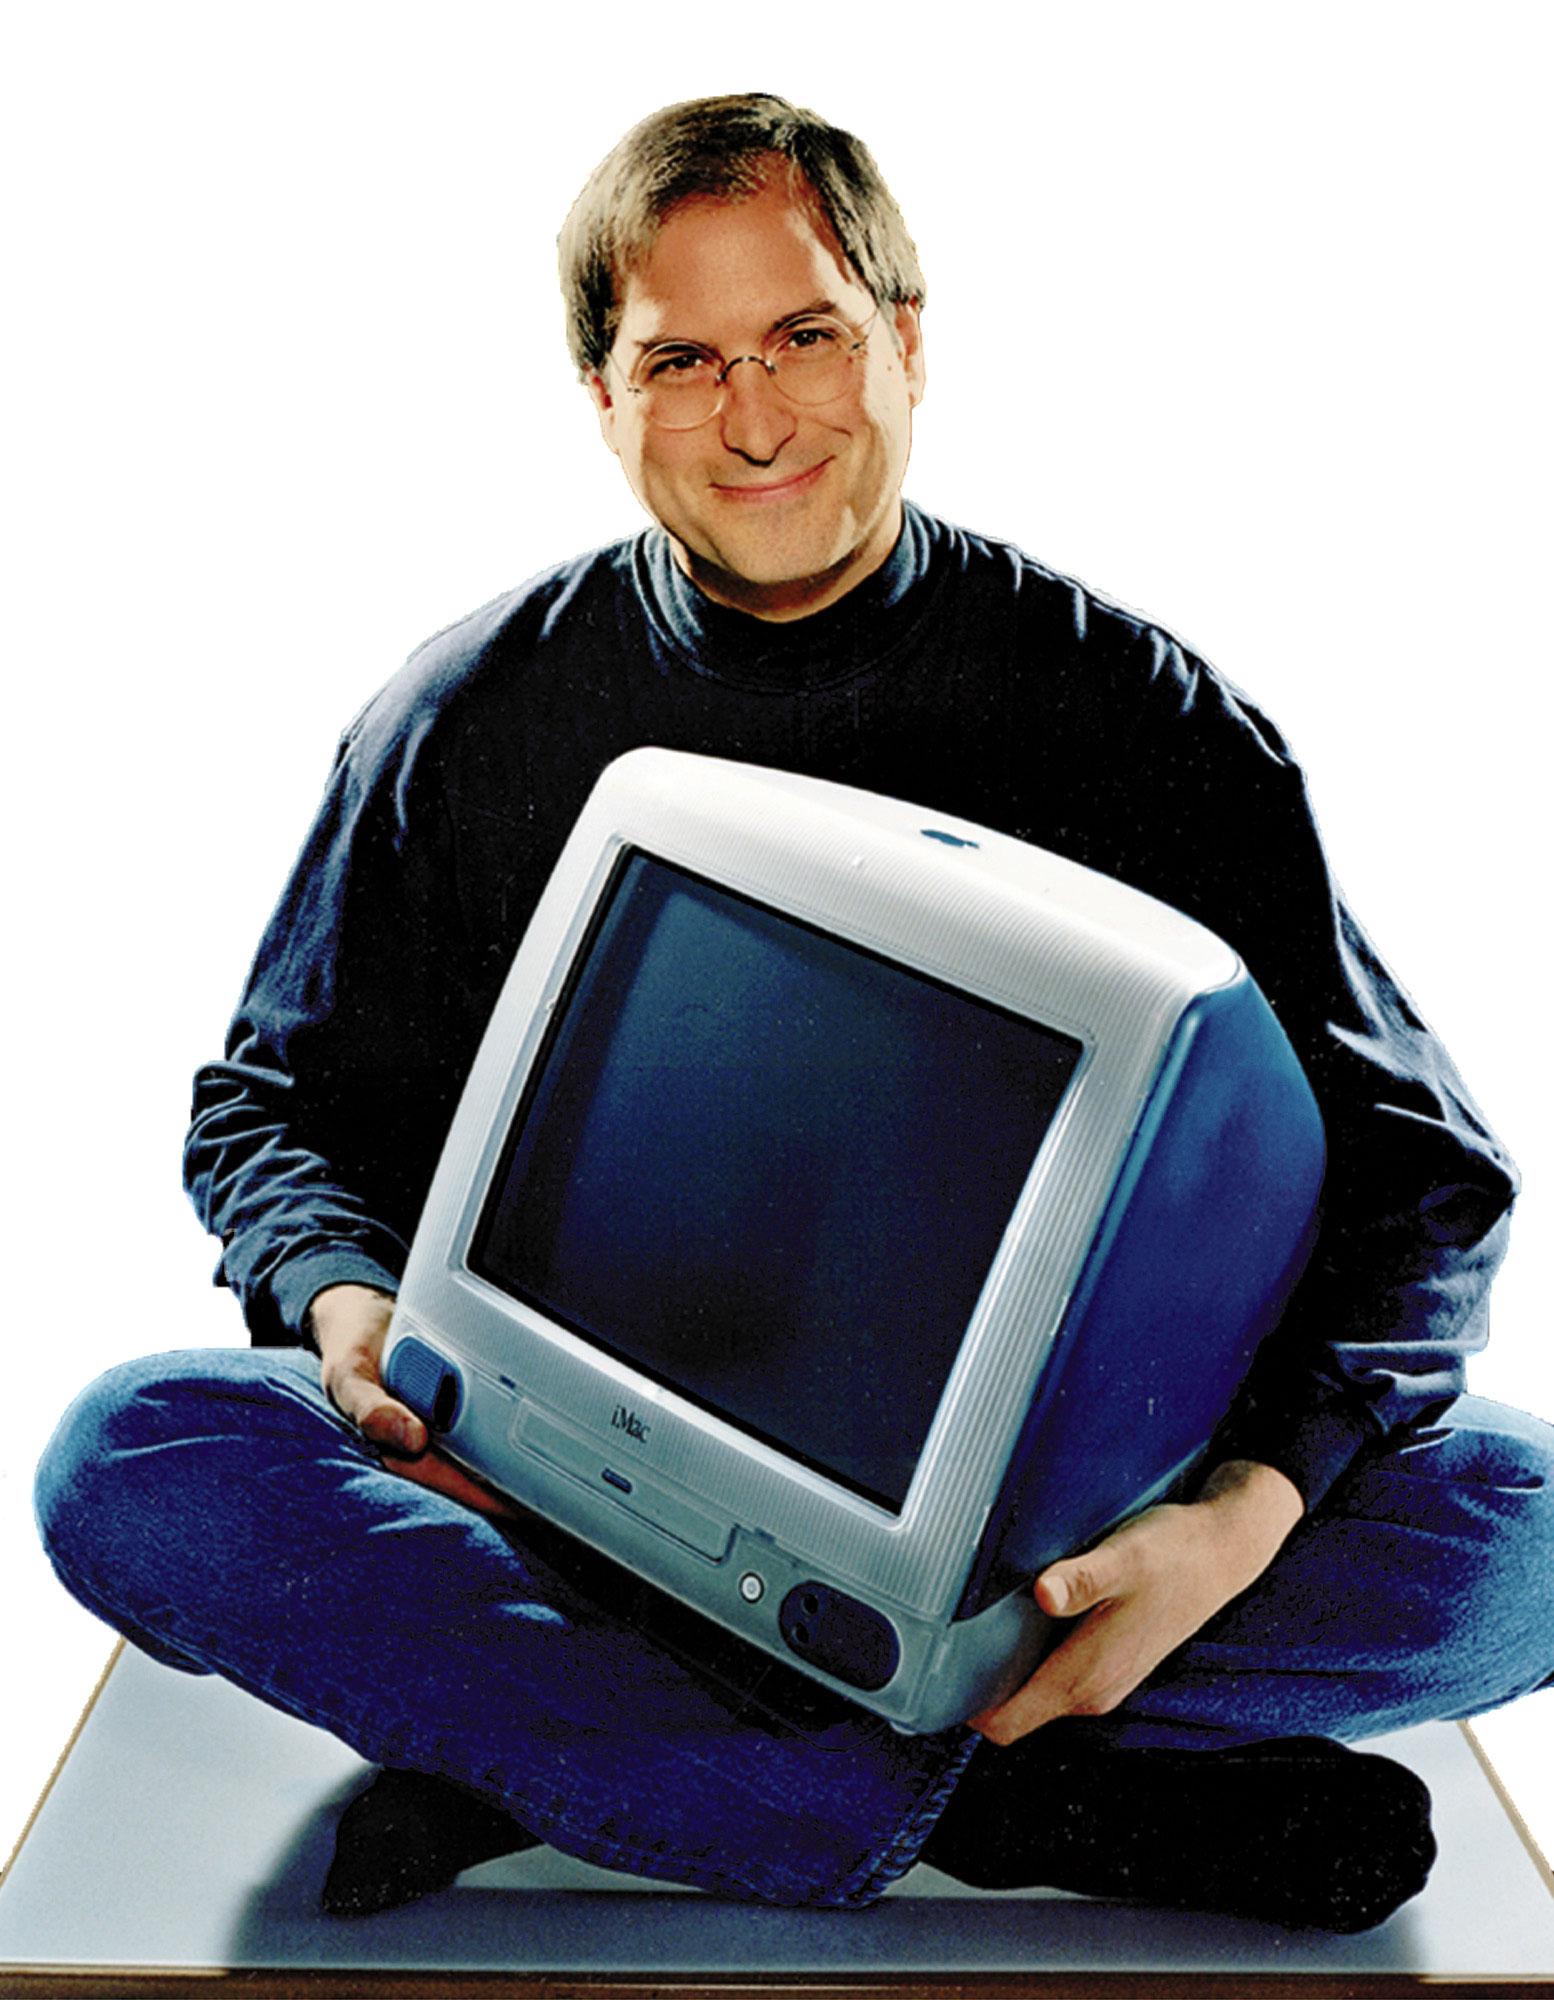 Steve Jobs con el iMac G3